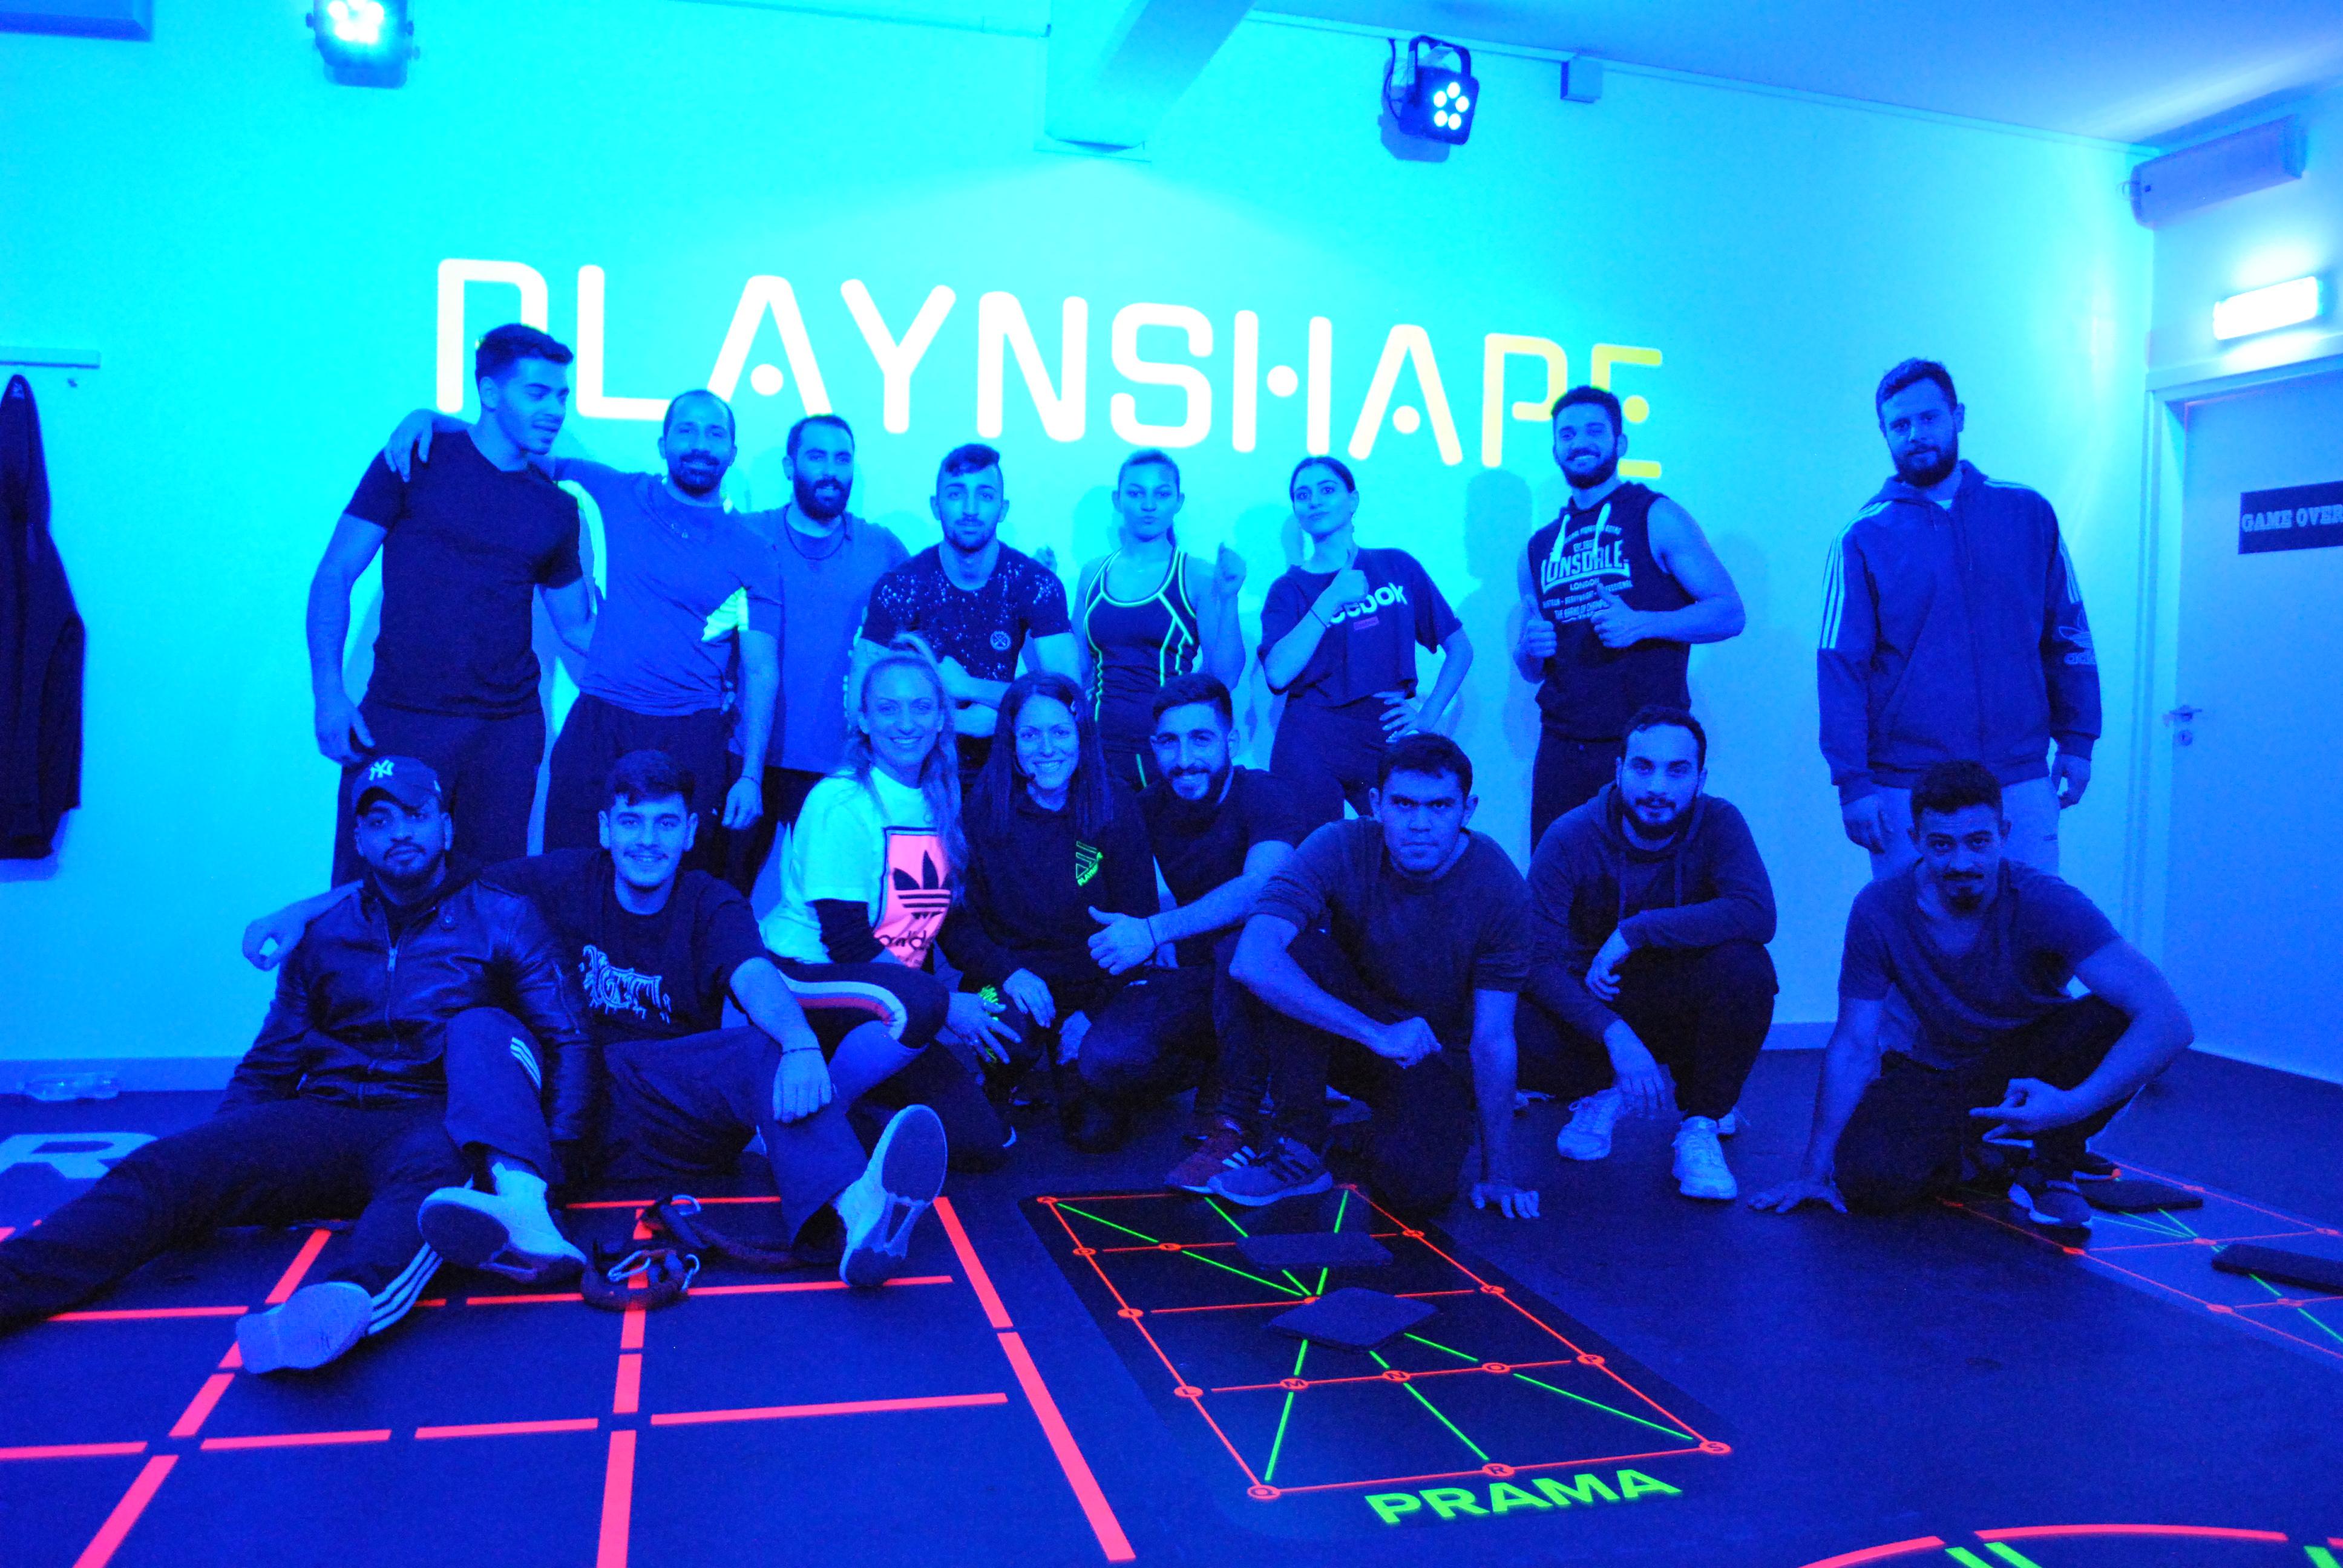 """Εκπαιδευτική επίσκεψη των φοιτητών του Προγράμματος """"Προσωπικός Προπονητής και Προπονητής Ομαδικών Προγραμμάτων Fitness"""" στο Play n Shαpe"""